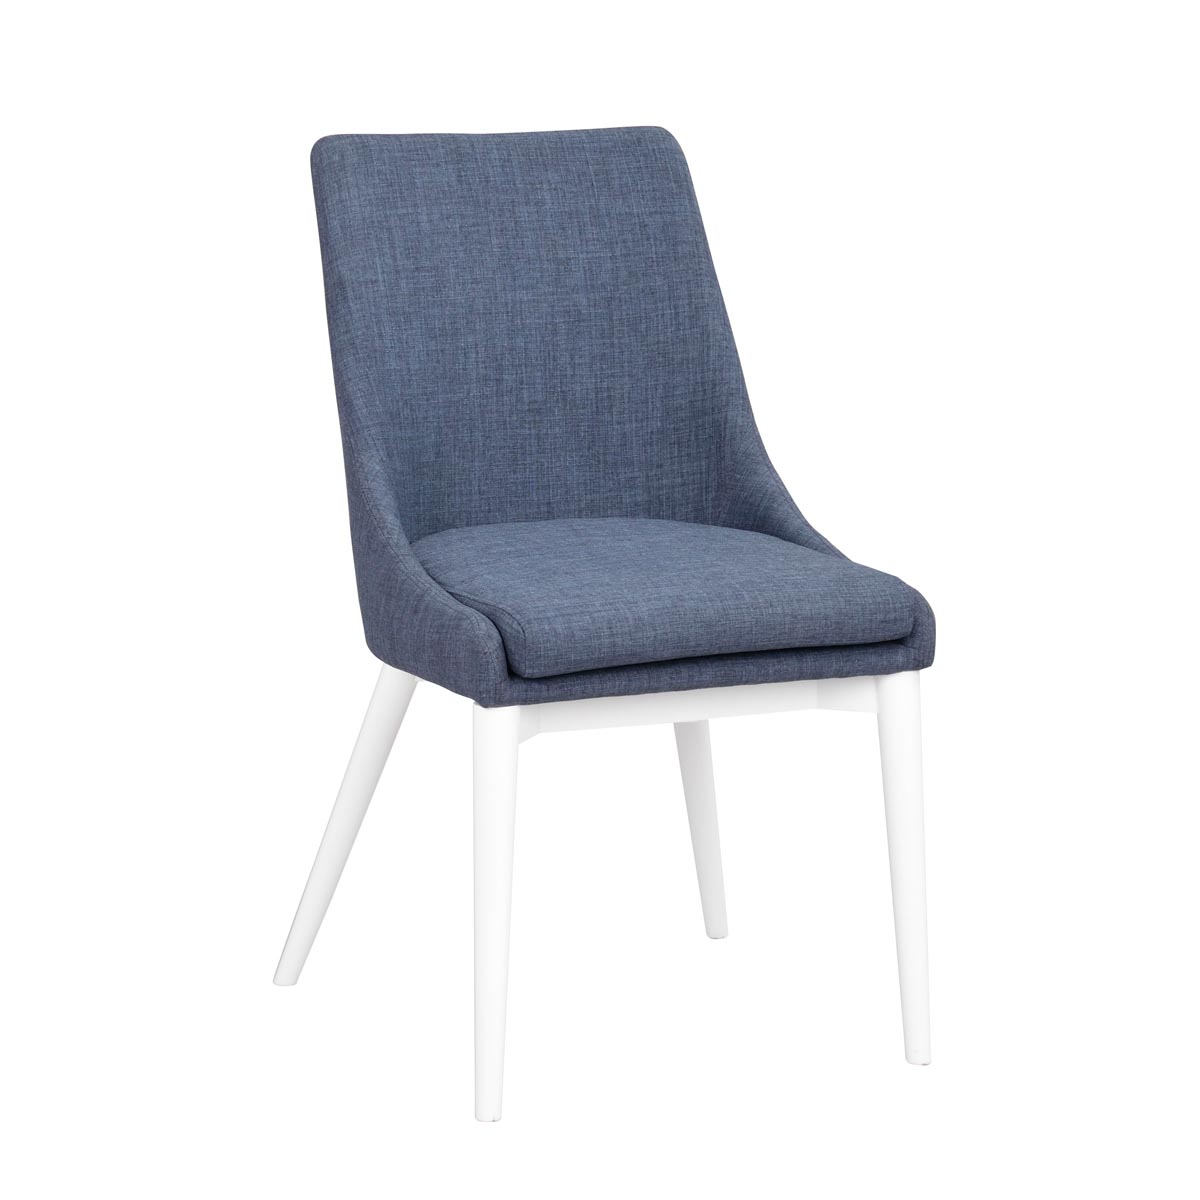 Bea-stol-blått-tyg_vitR-118315_a